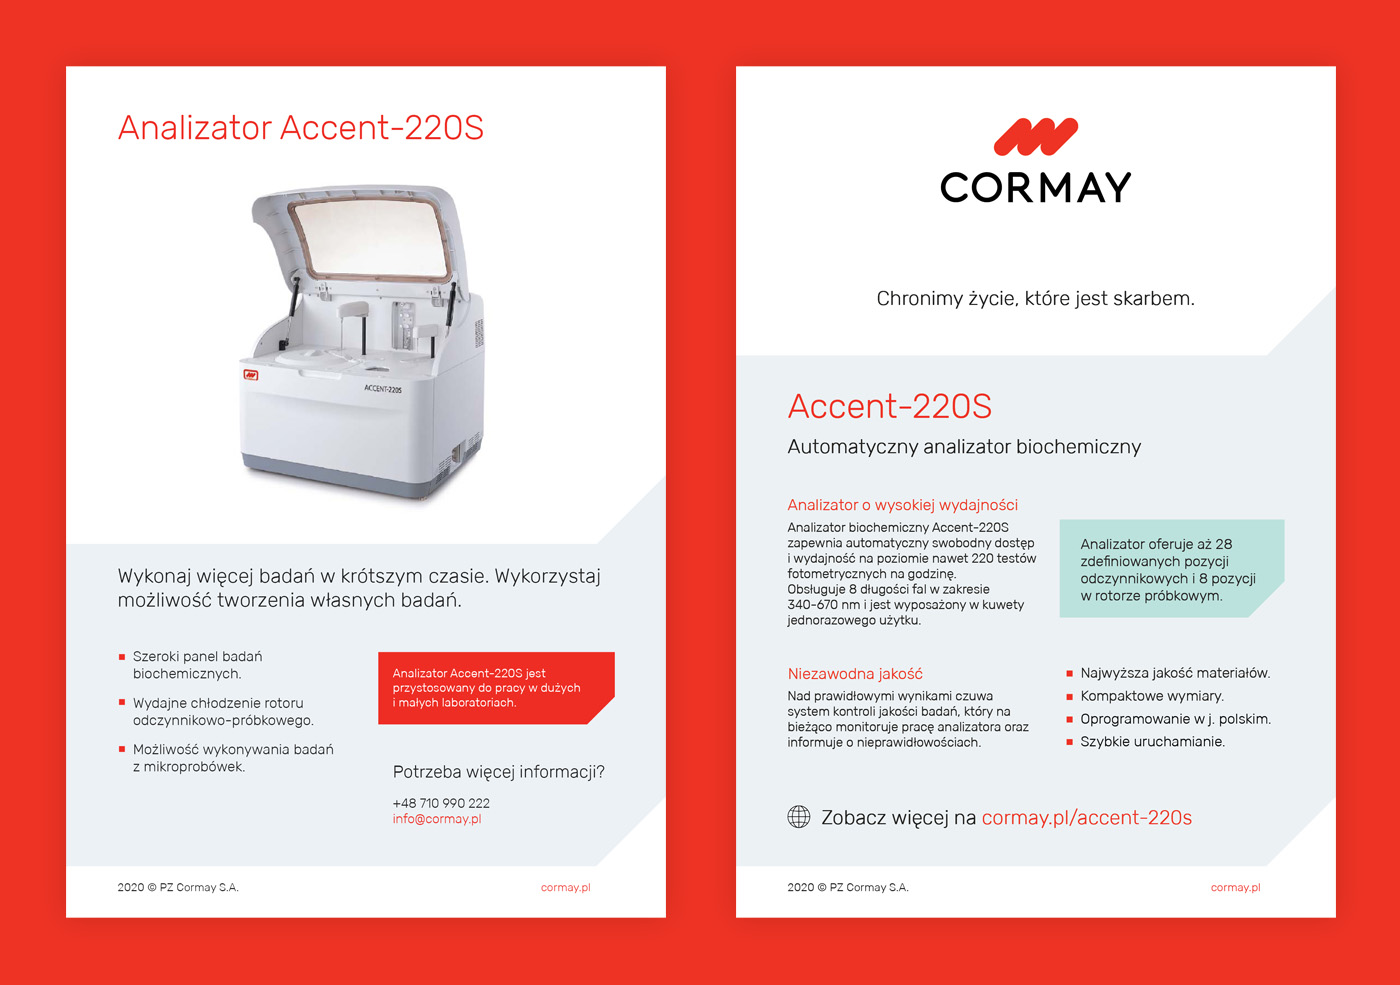 Identyfikacja wizualna Cormay - ulotka dwustronna